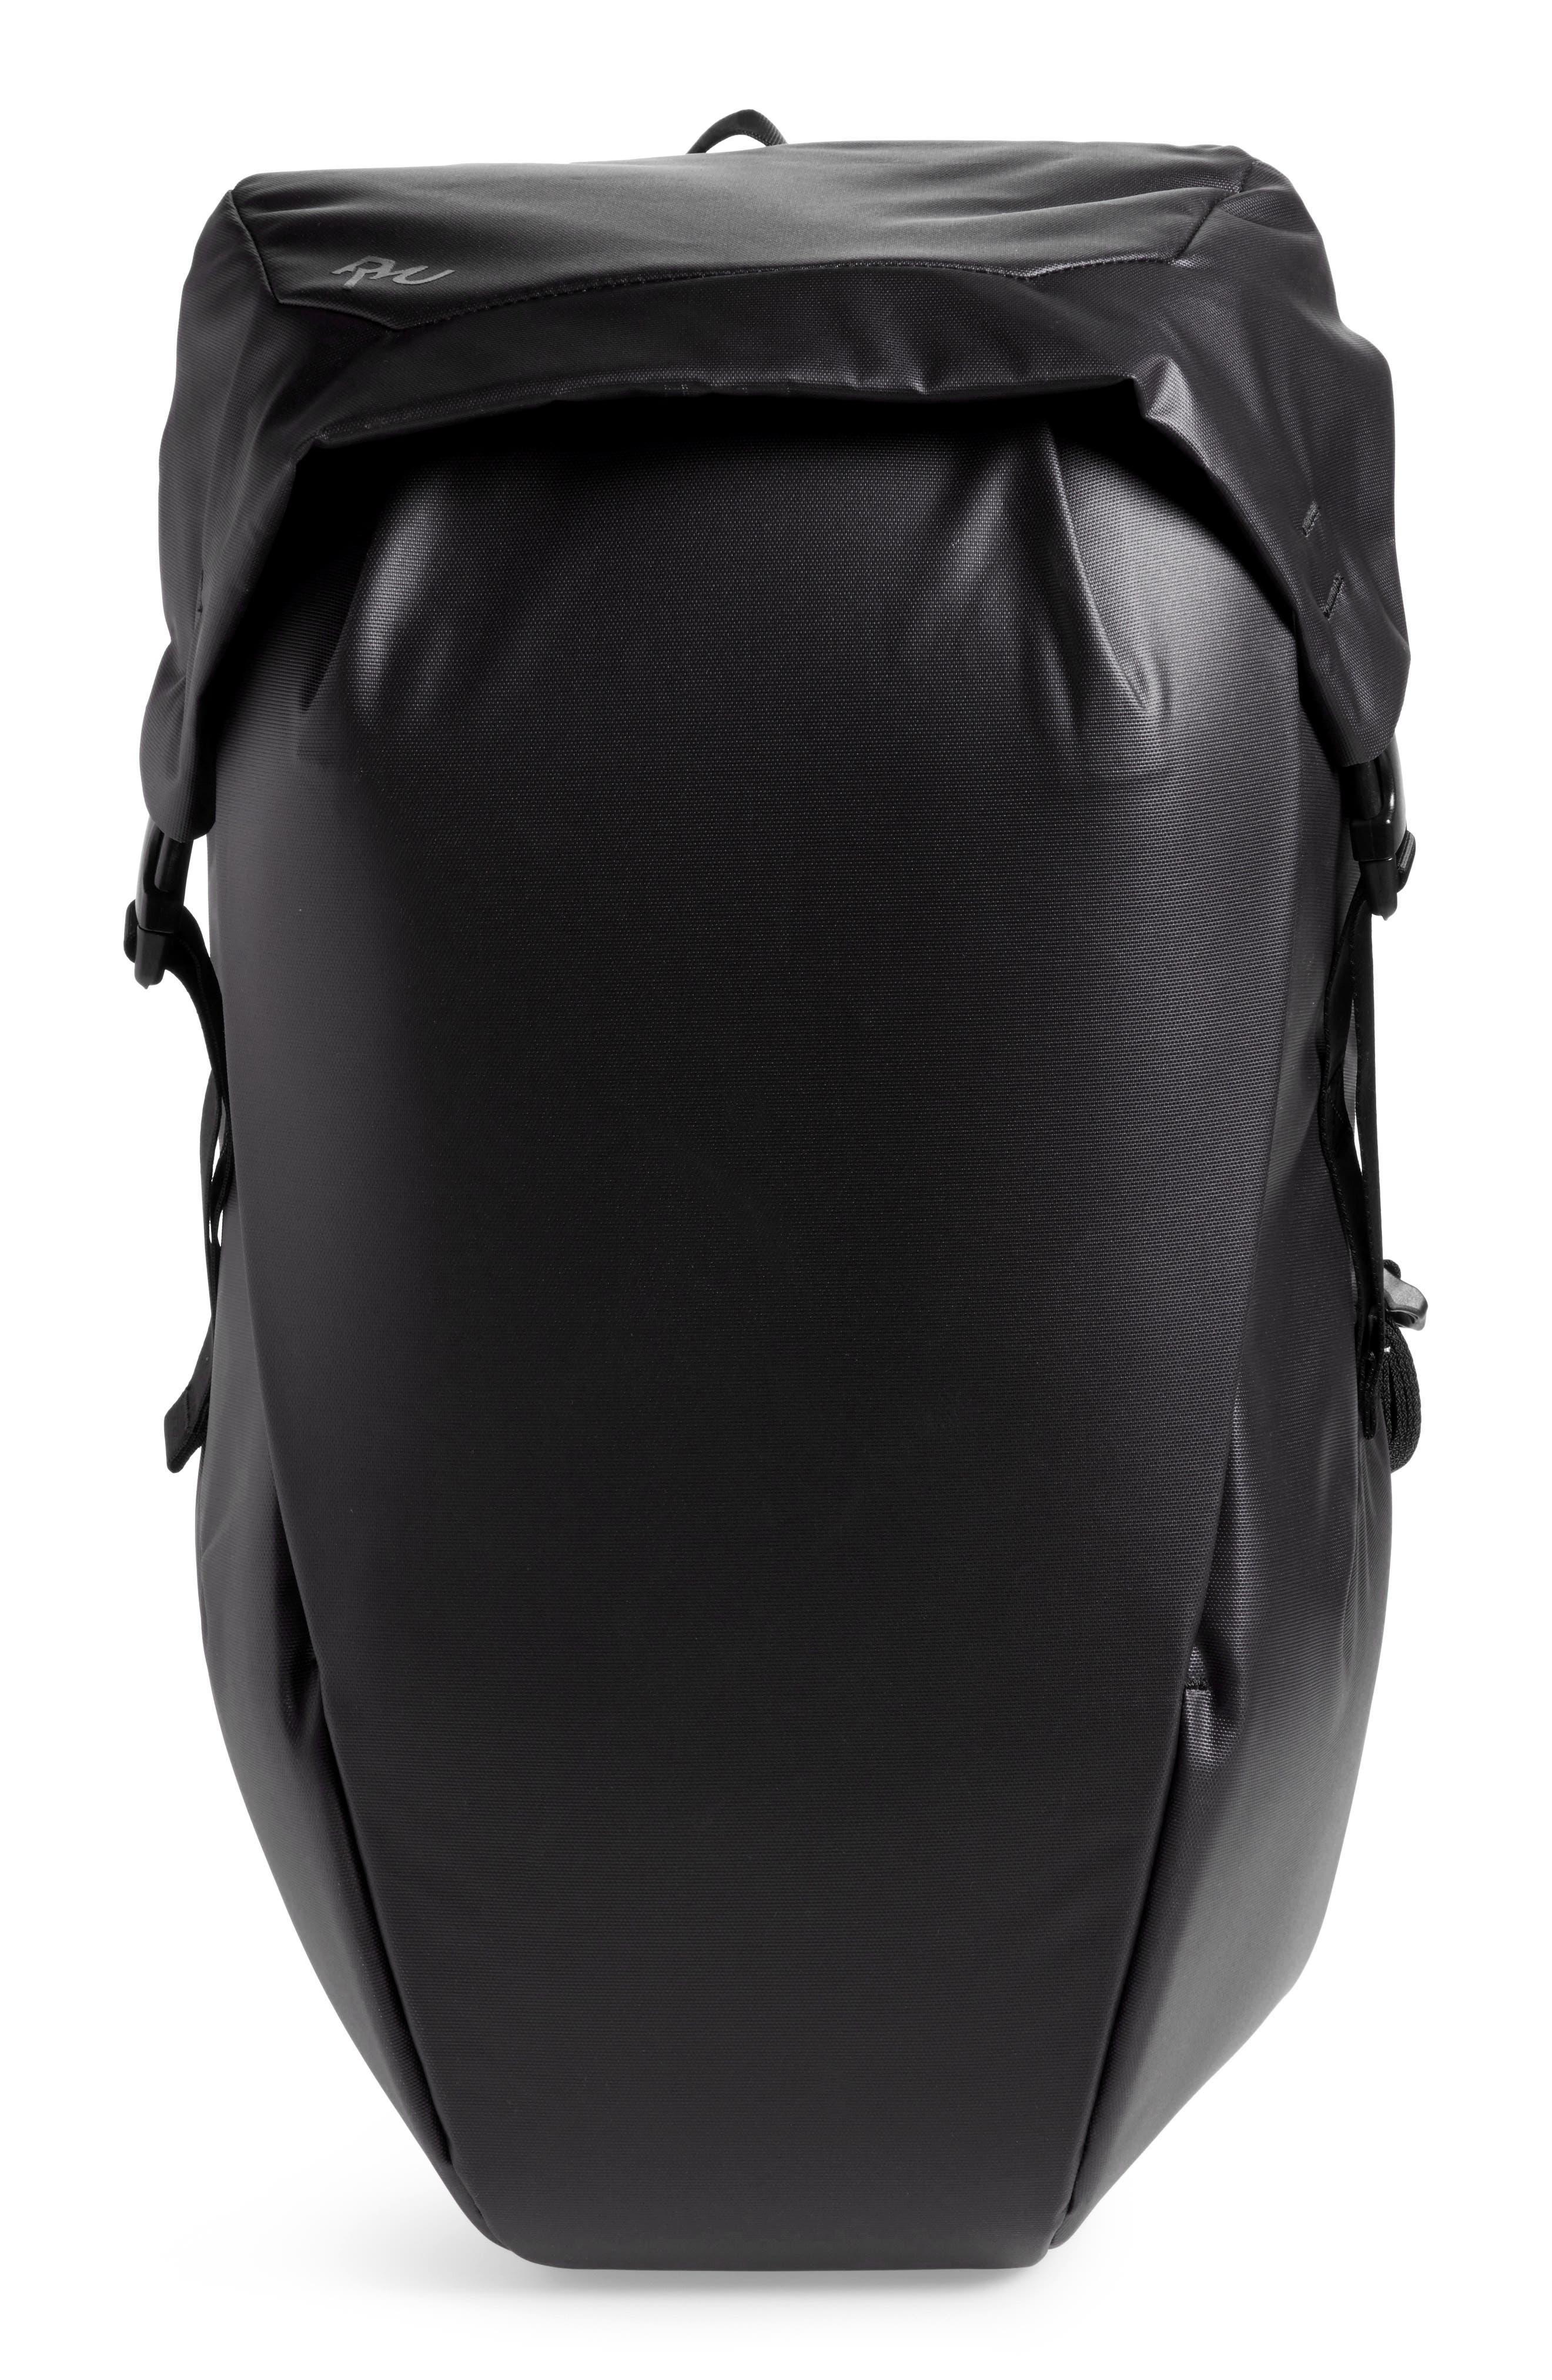 RYU Locker Pack Backpack (24 Liter)